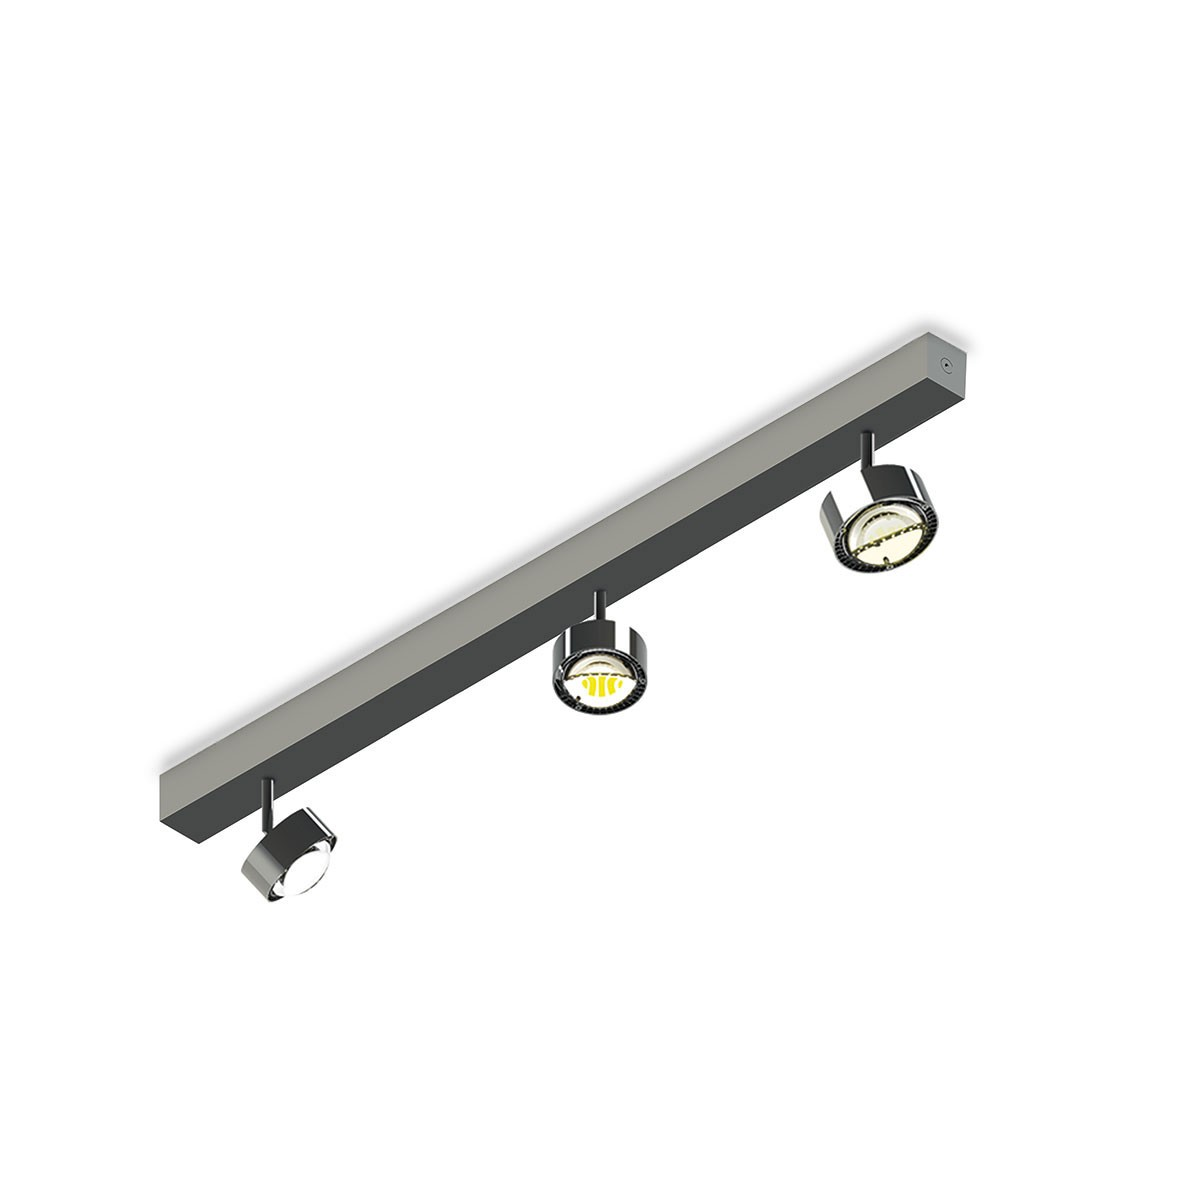 Top Light Puk Choice Turn Deckenleuchte, 85 cm